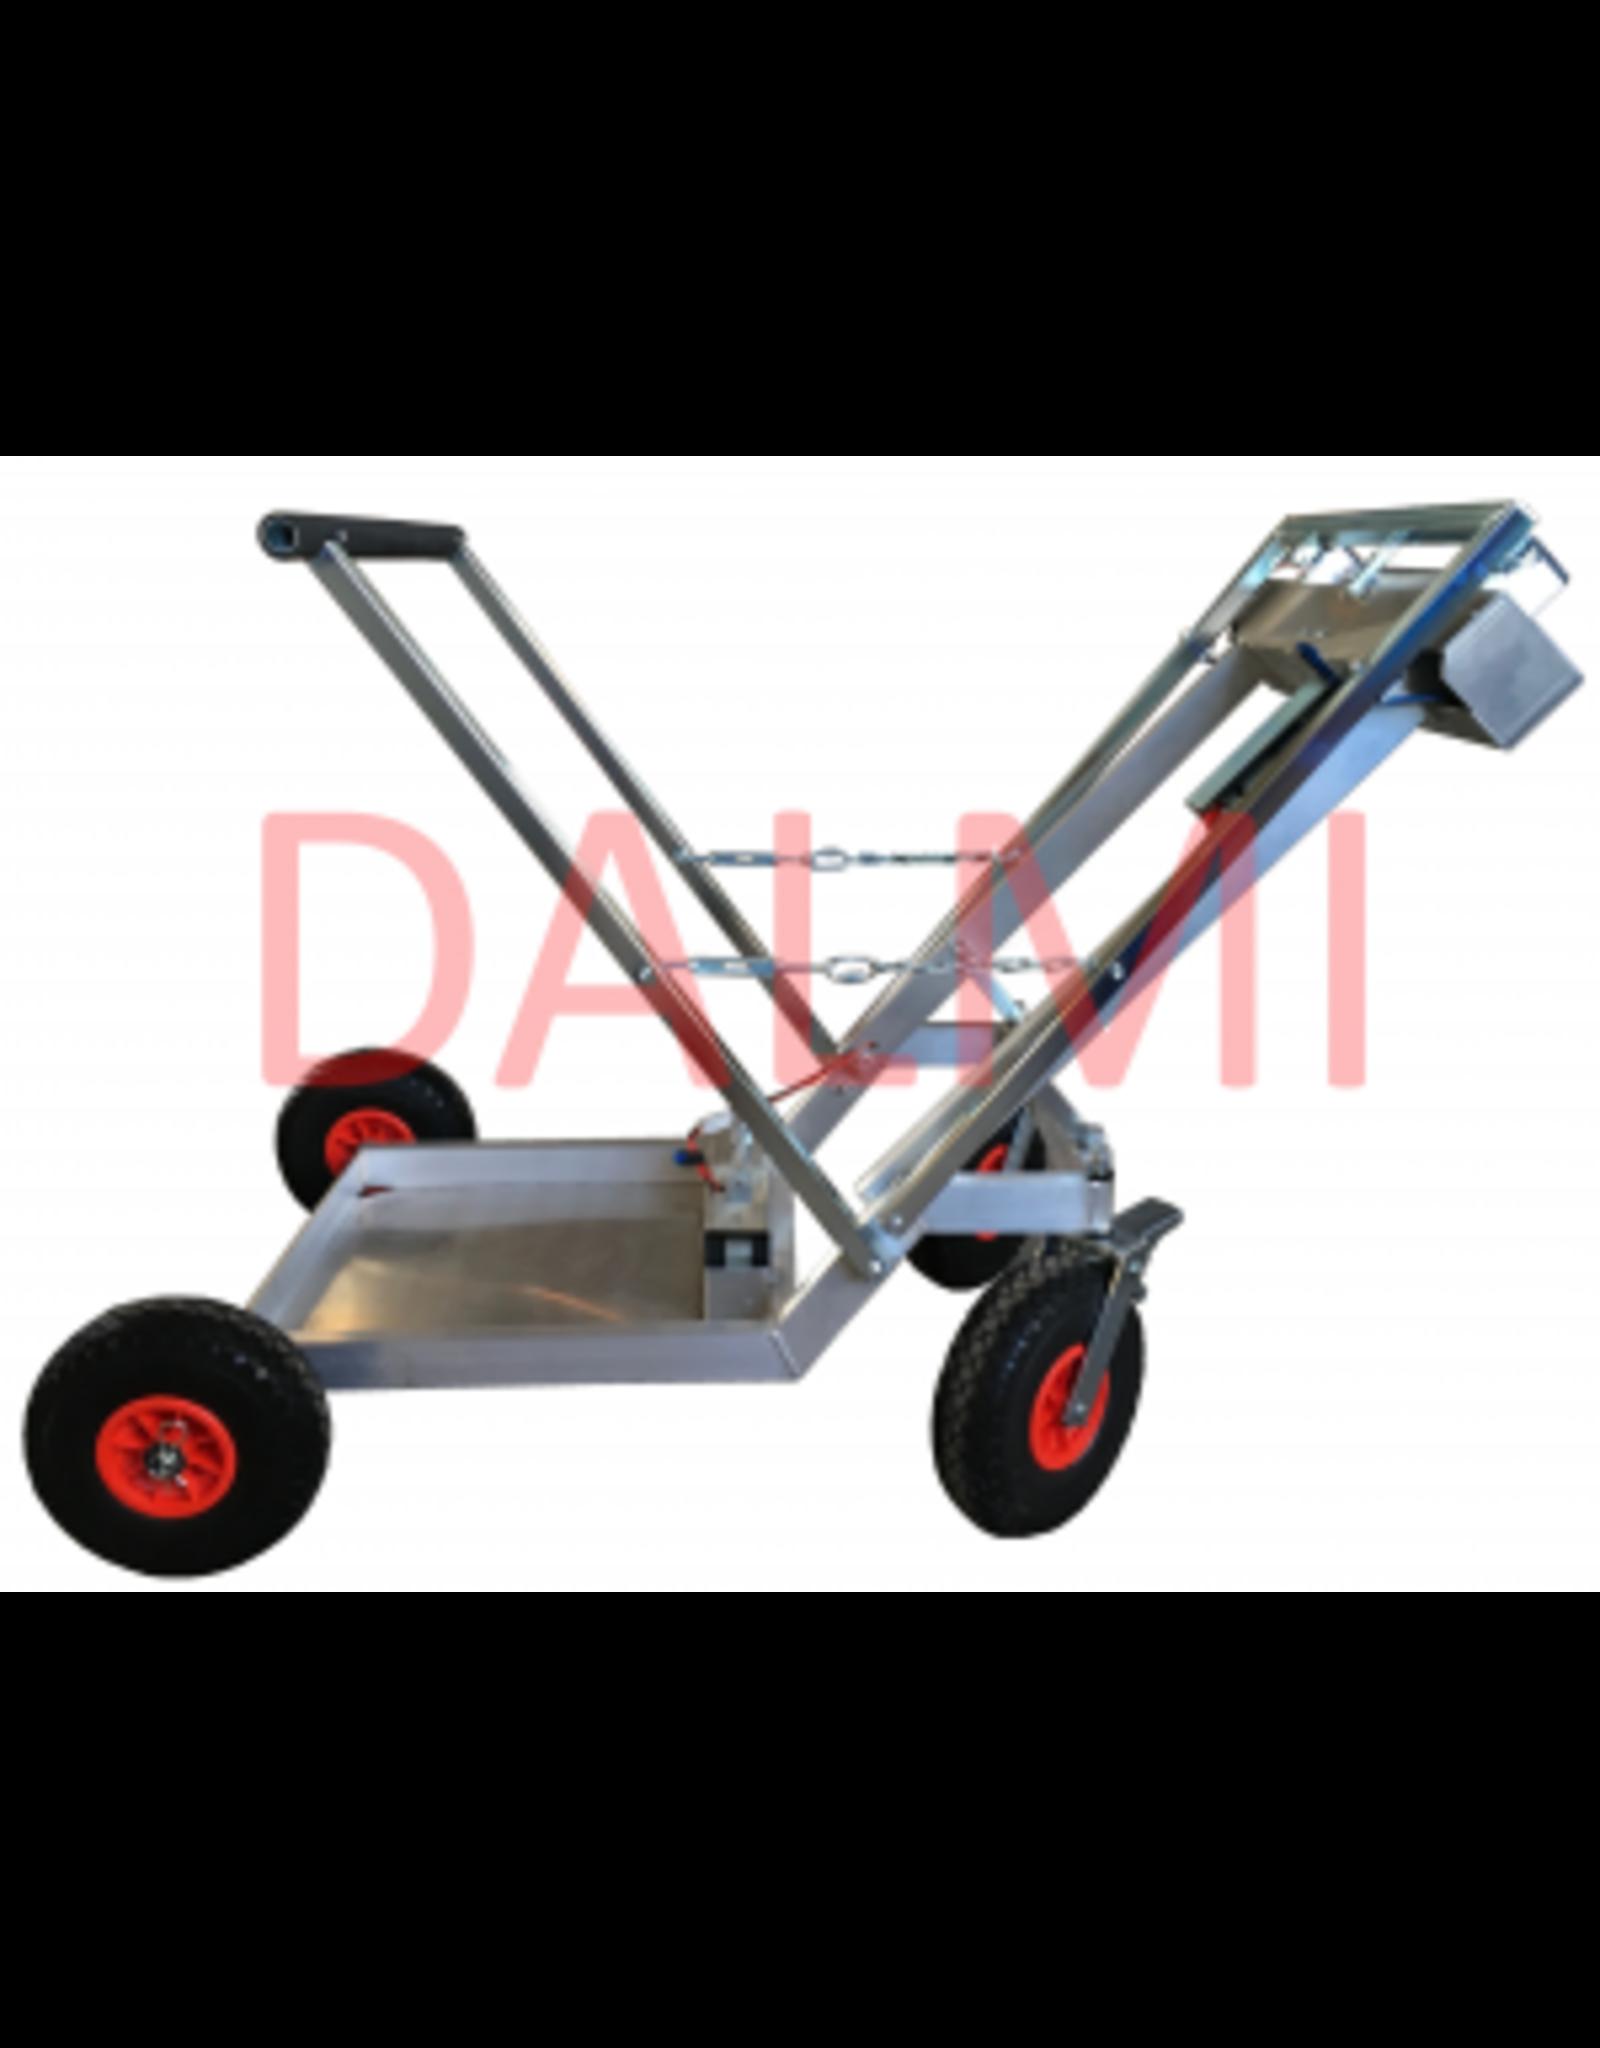 Dalmi Dalmi Kart Lift elektrisch type FOX alu. 260